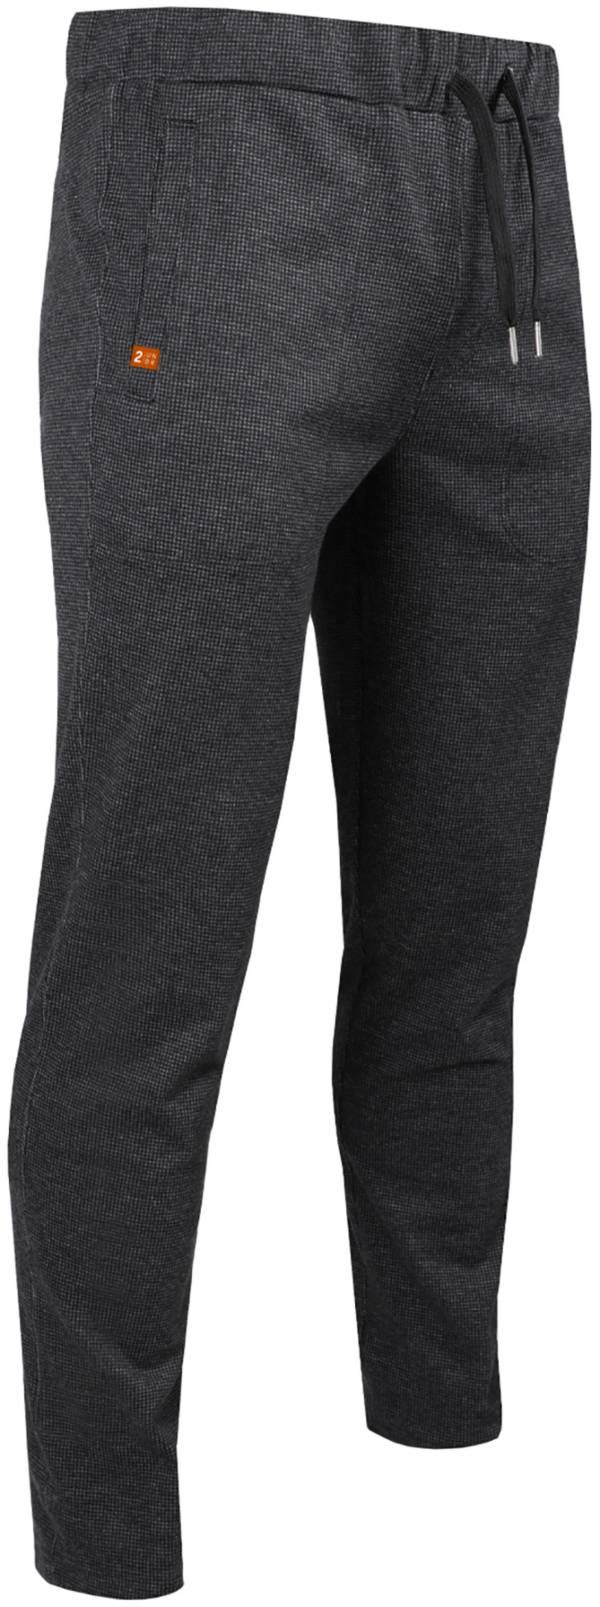 2UNDR Men's Leisure Pants product image